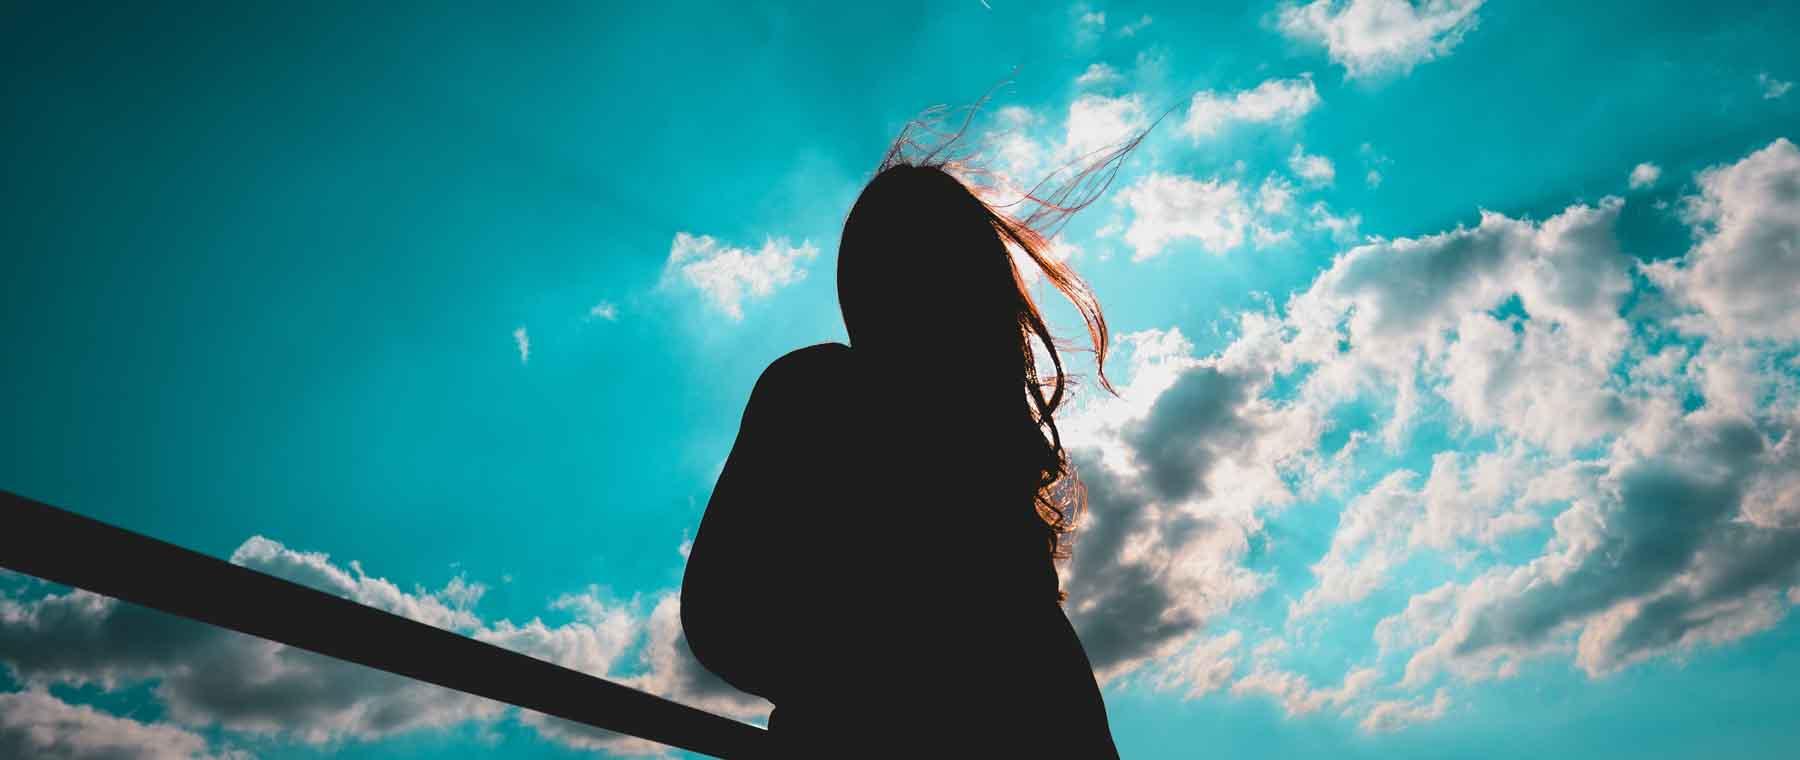 Meditación guiada: Abrí tus sentidos. Por Vir Francisco